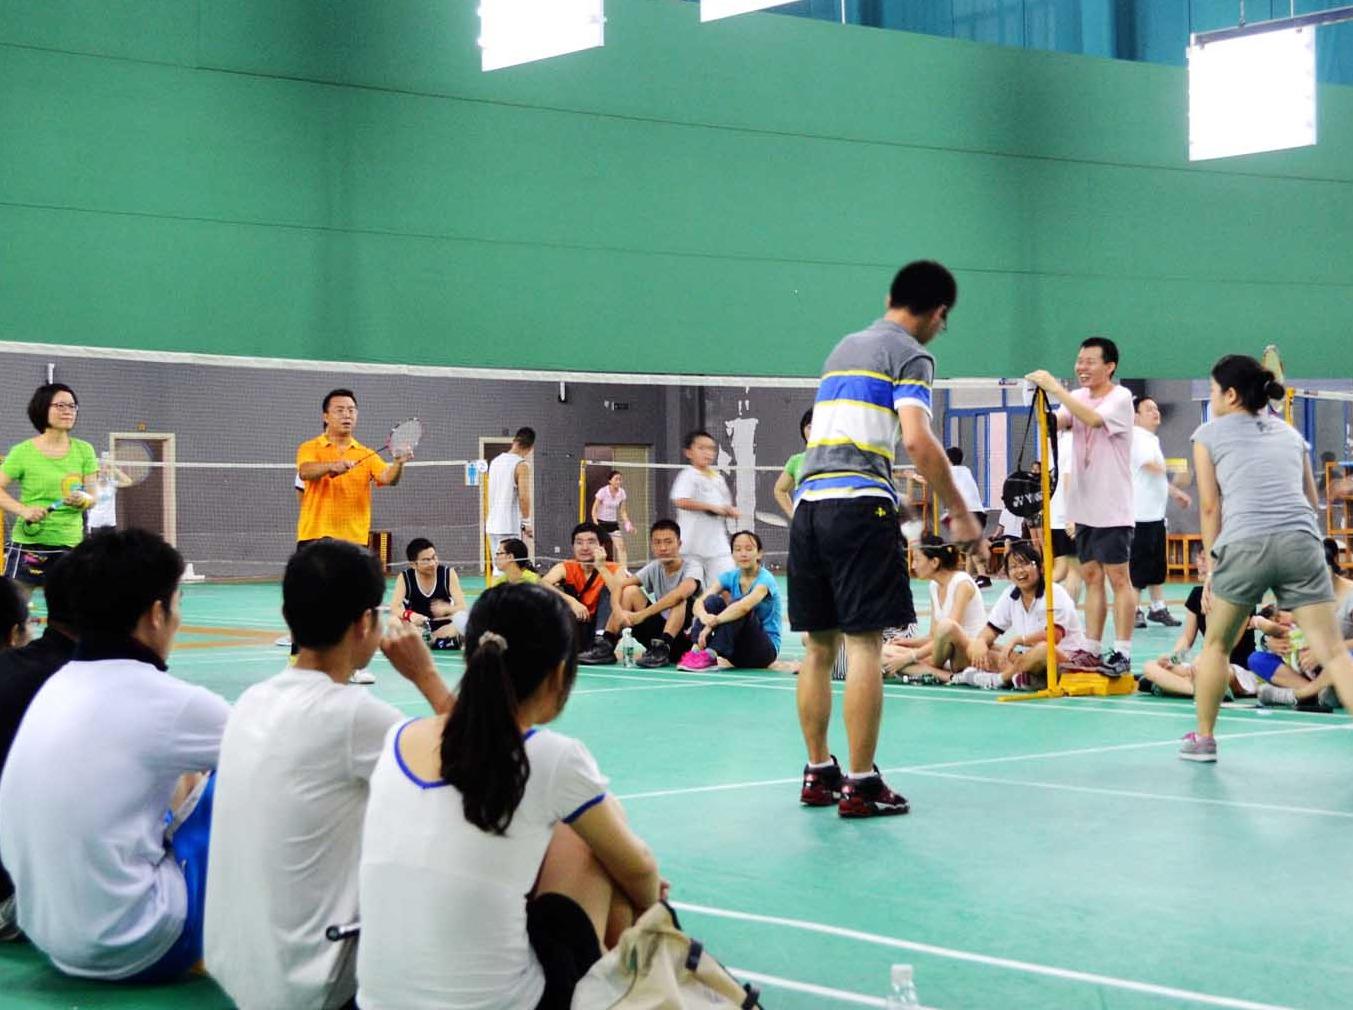 羽毛球友谊联赛